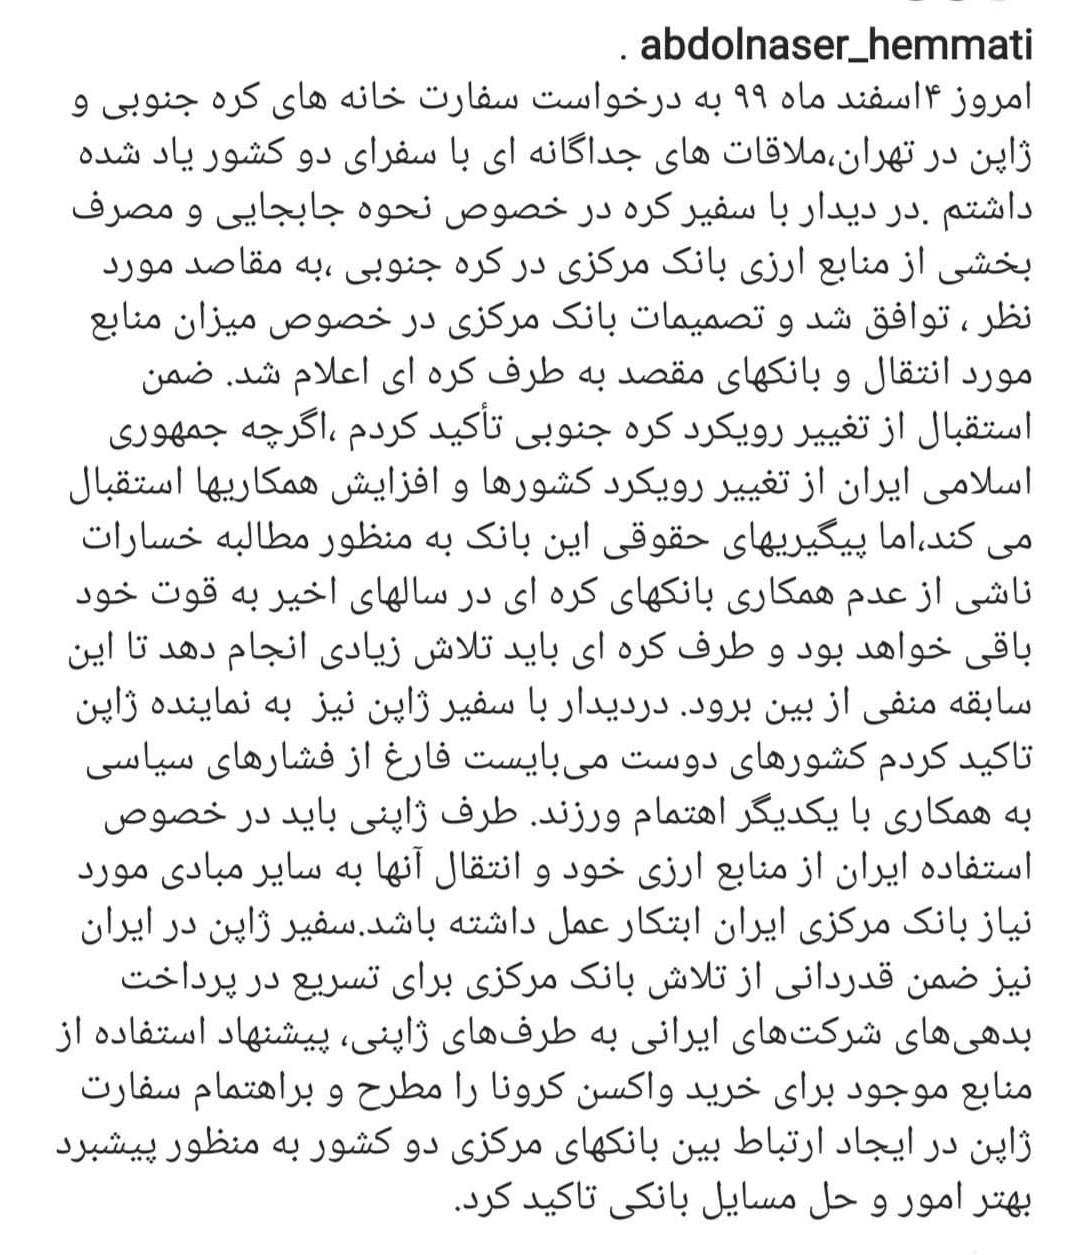 پایگاه خبری آرمان اقتصادی 13991204163135213222917110 توضیحات همتی درخصوص آزادسازی بخشی از منابع ارزی ایران در کره جنوبی